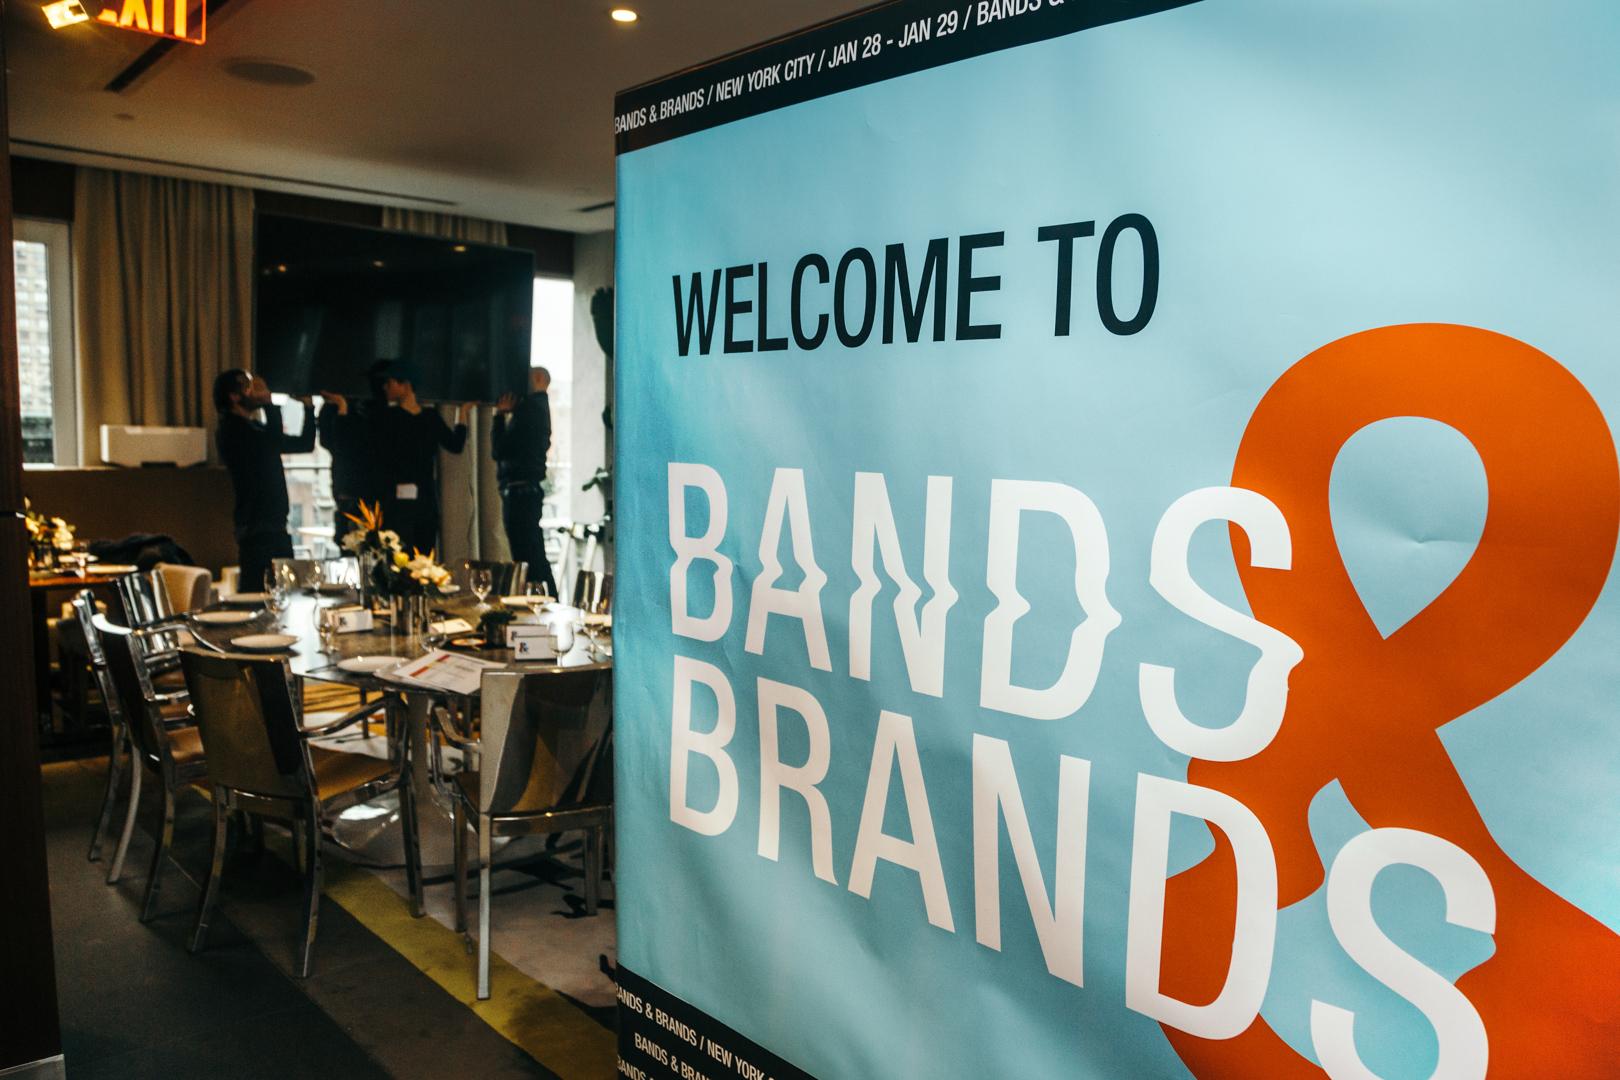 Bands&Brands_002_025A9787_2.jpg